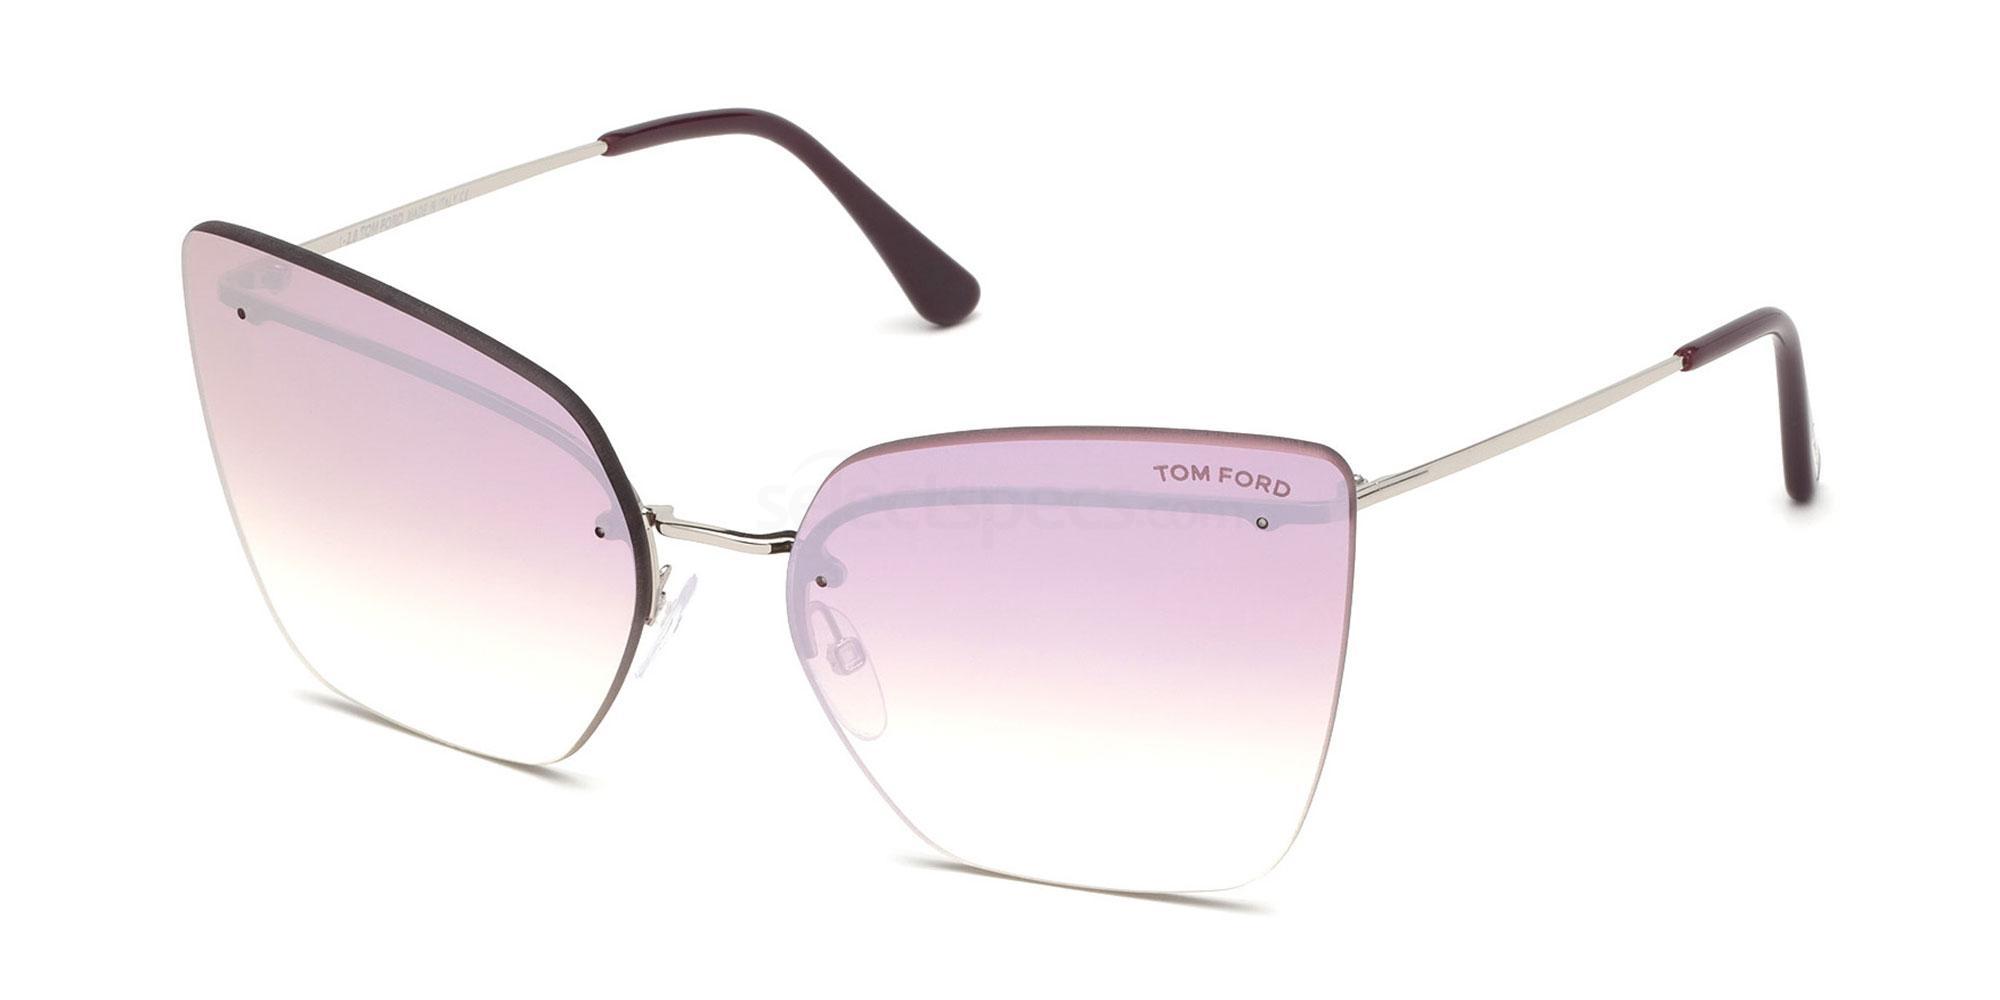 16Z FT0682 Sunglasses, Tom Ford